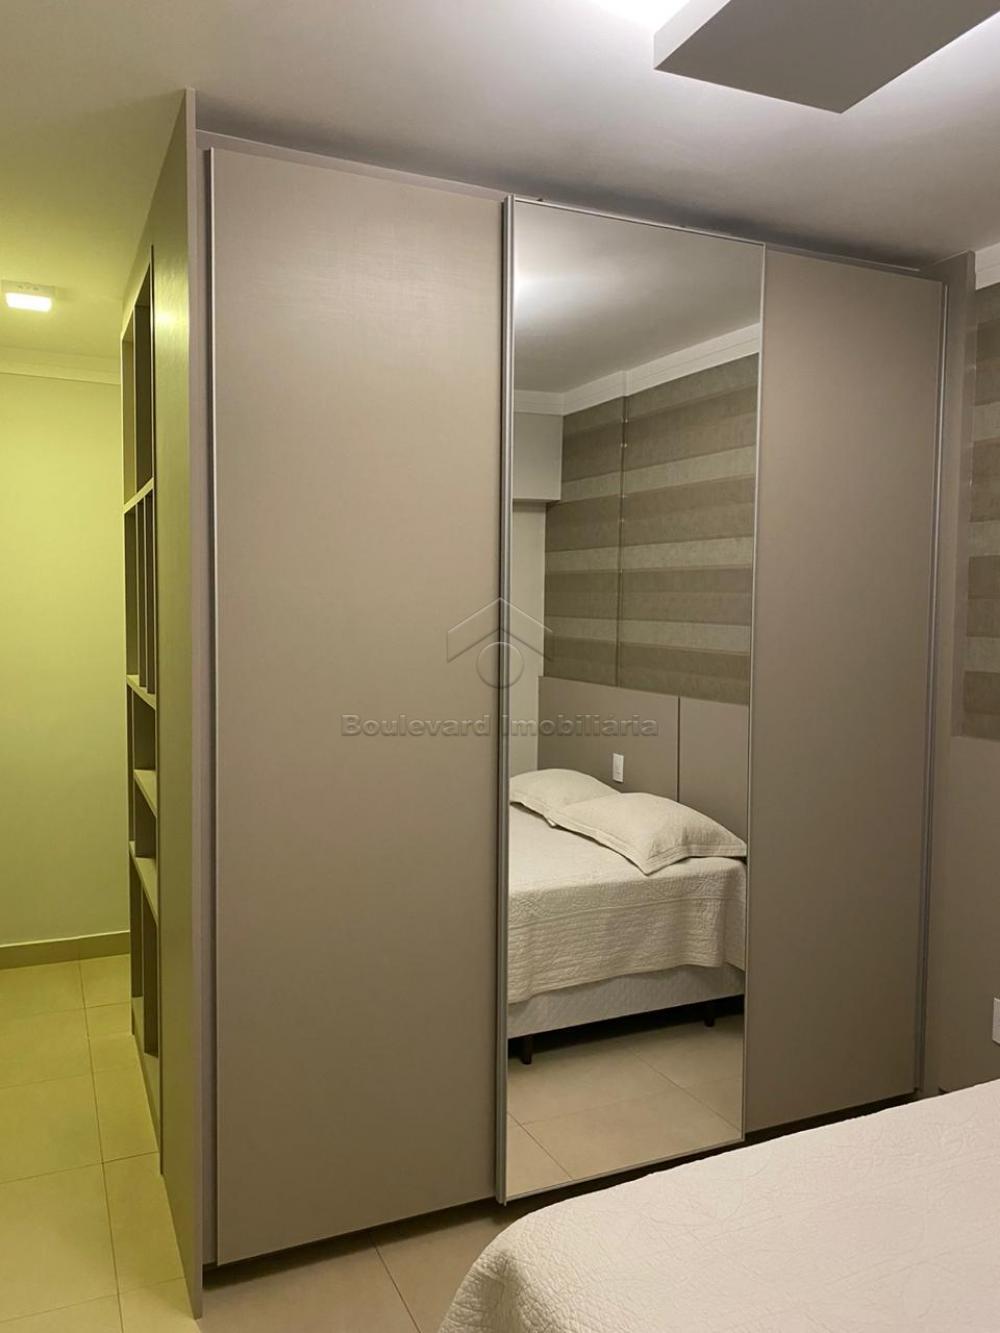 Alugar Apartamento / Padrão em Ribeirão Preto apenas R$ 3.000,00 - Foto 7